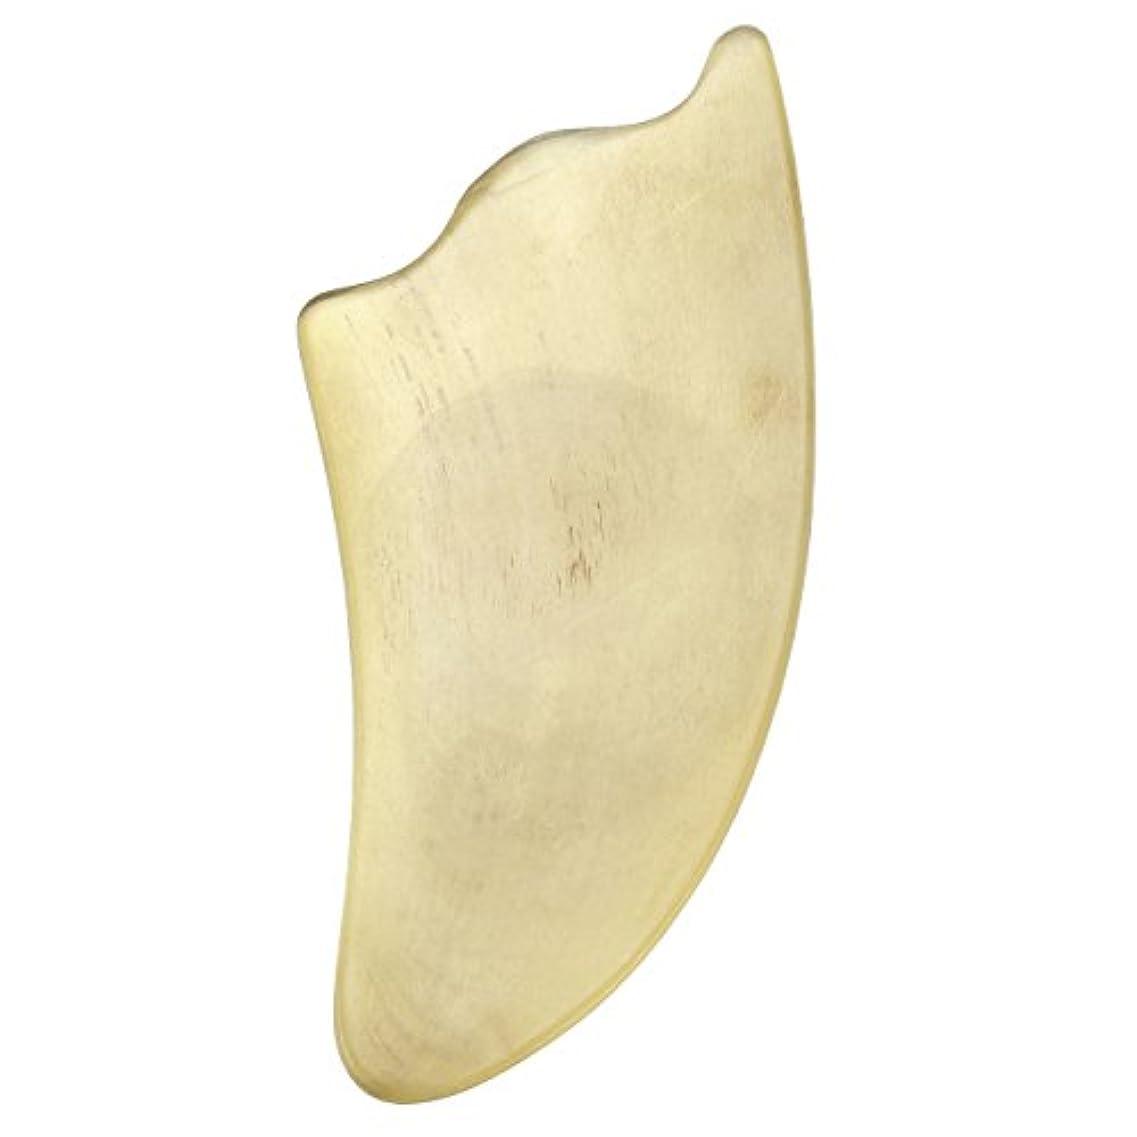 管理シンジケート牧師Jovivi Mak カッサリフトプレート 黄色 牛角 パワーストーン カッサ板 美顔 カッサボード カッサマッサージ道具 ギフトバッグを提供 (三角形)